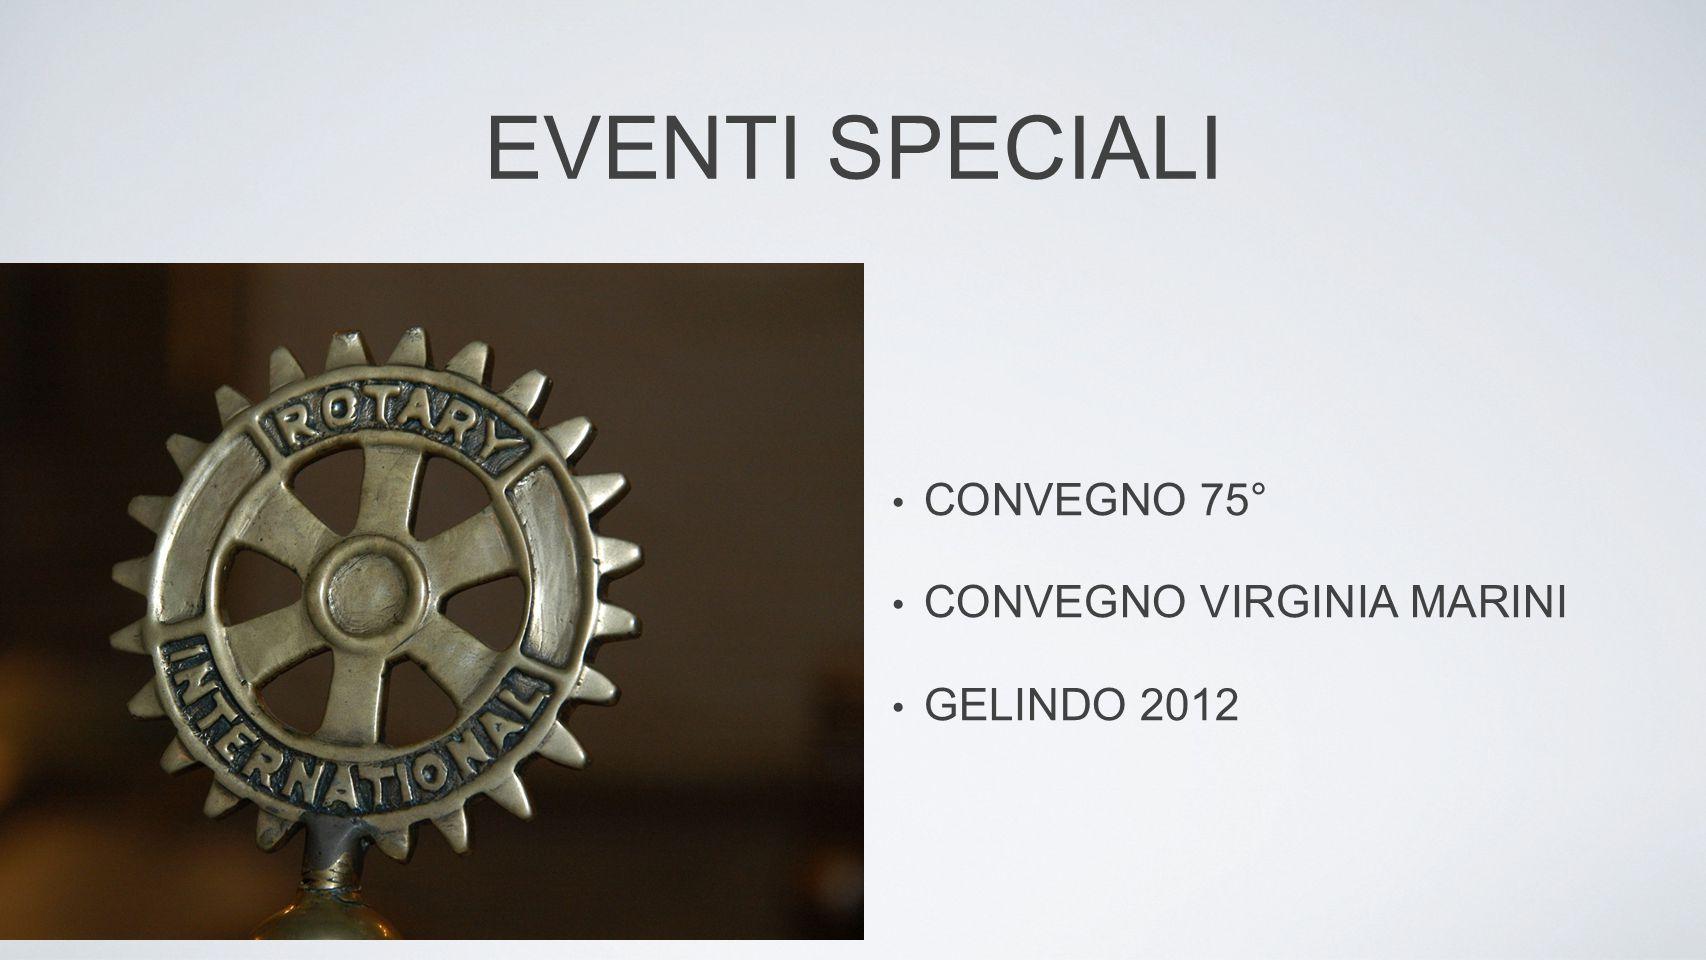 EVENTI SPECIALI CONVEGNO 75° CONVEGNO VIRGINIA MARINI GELINDO 2012